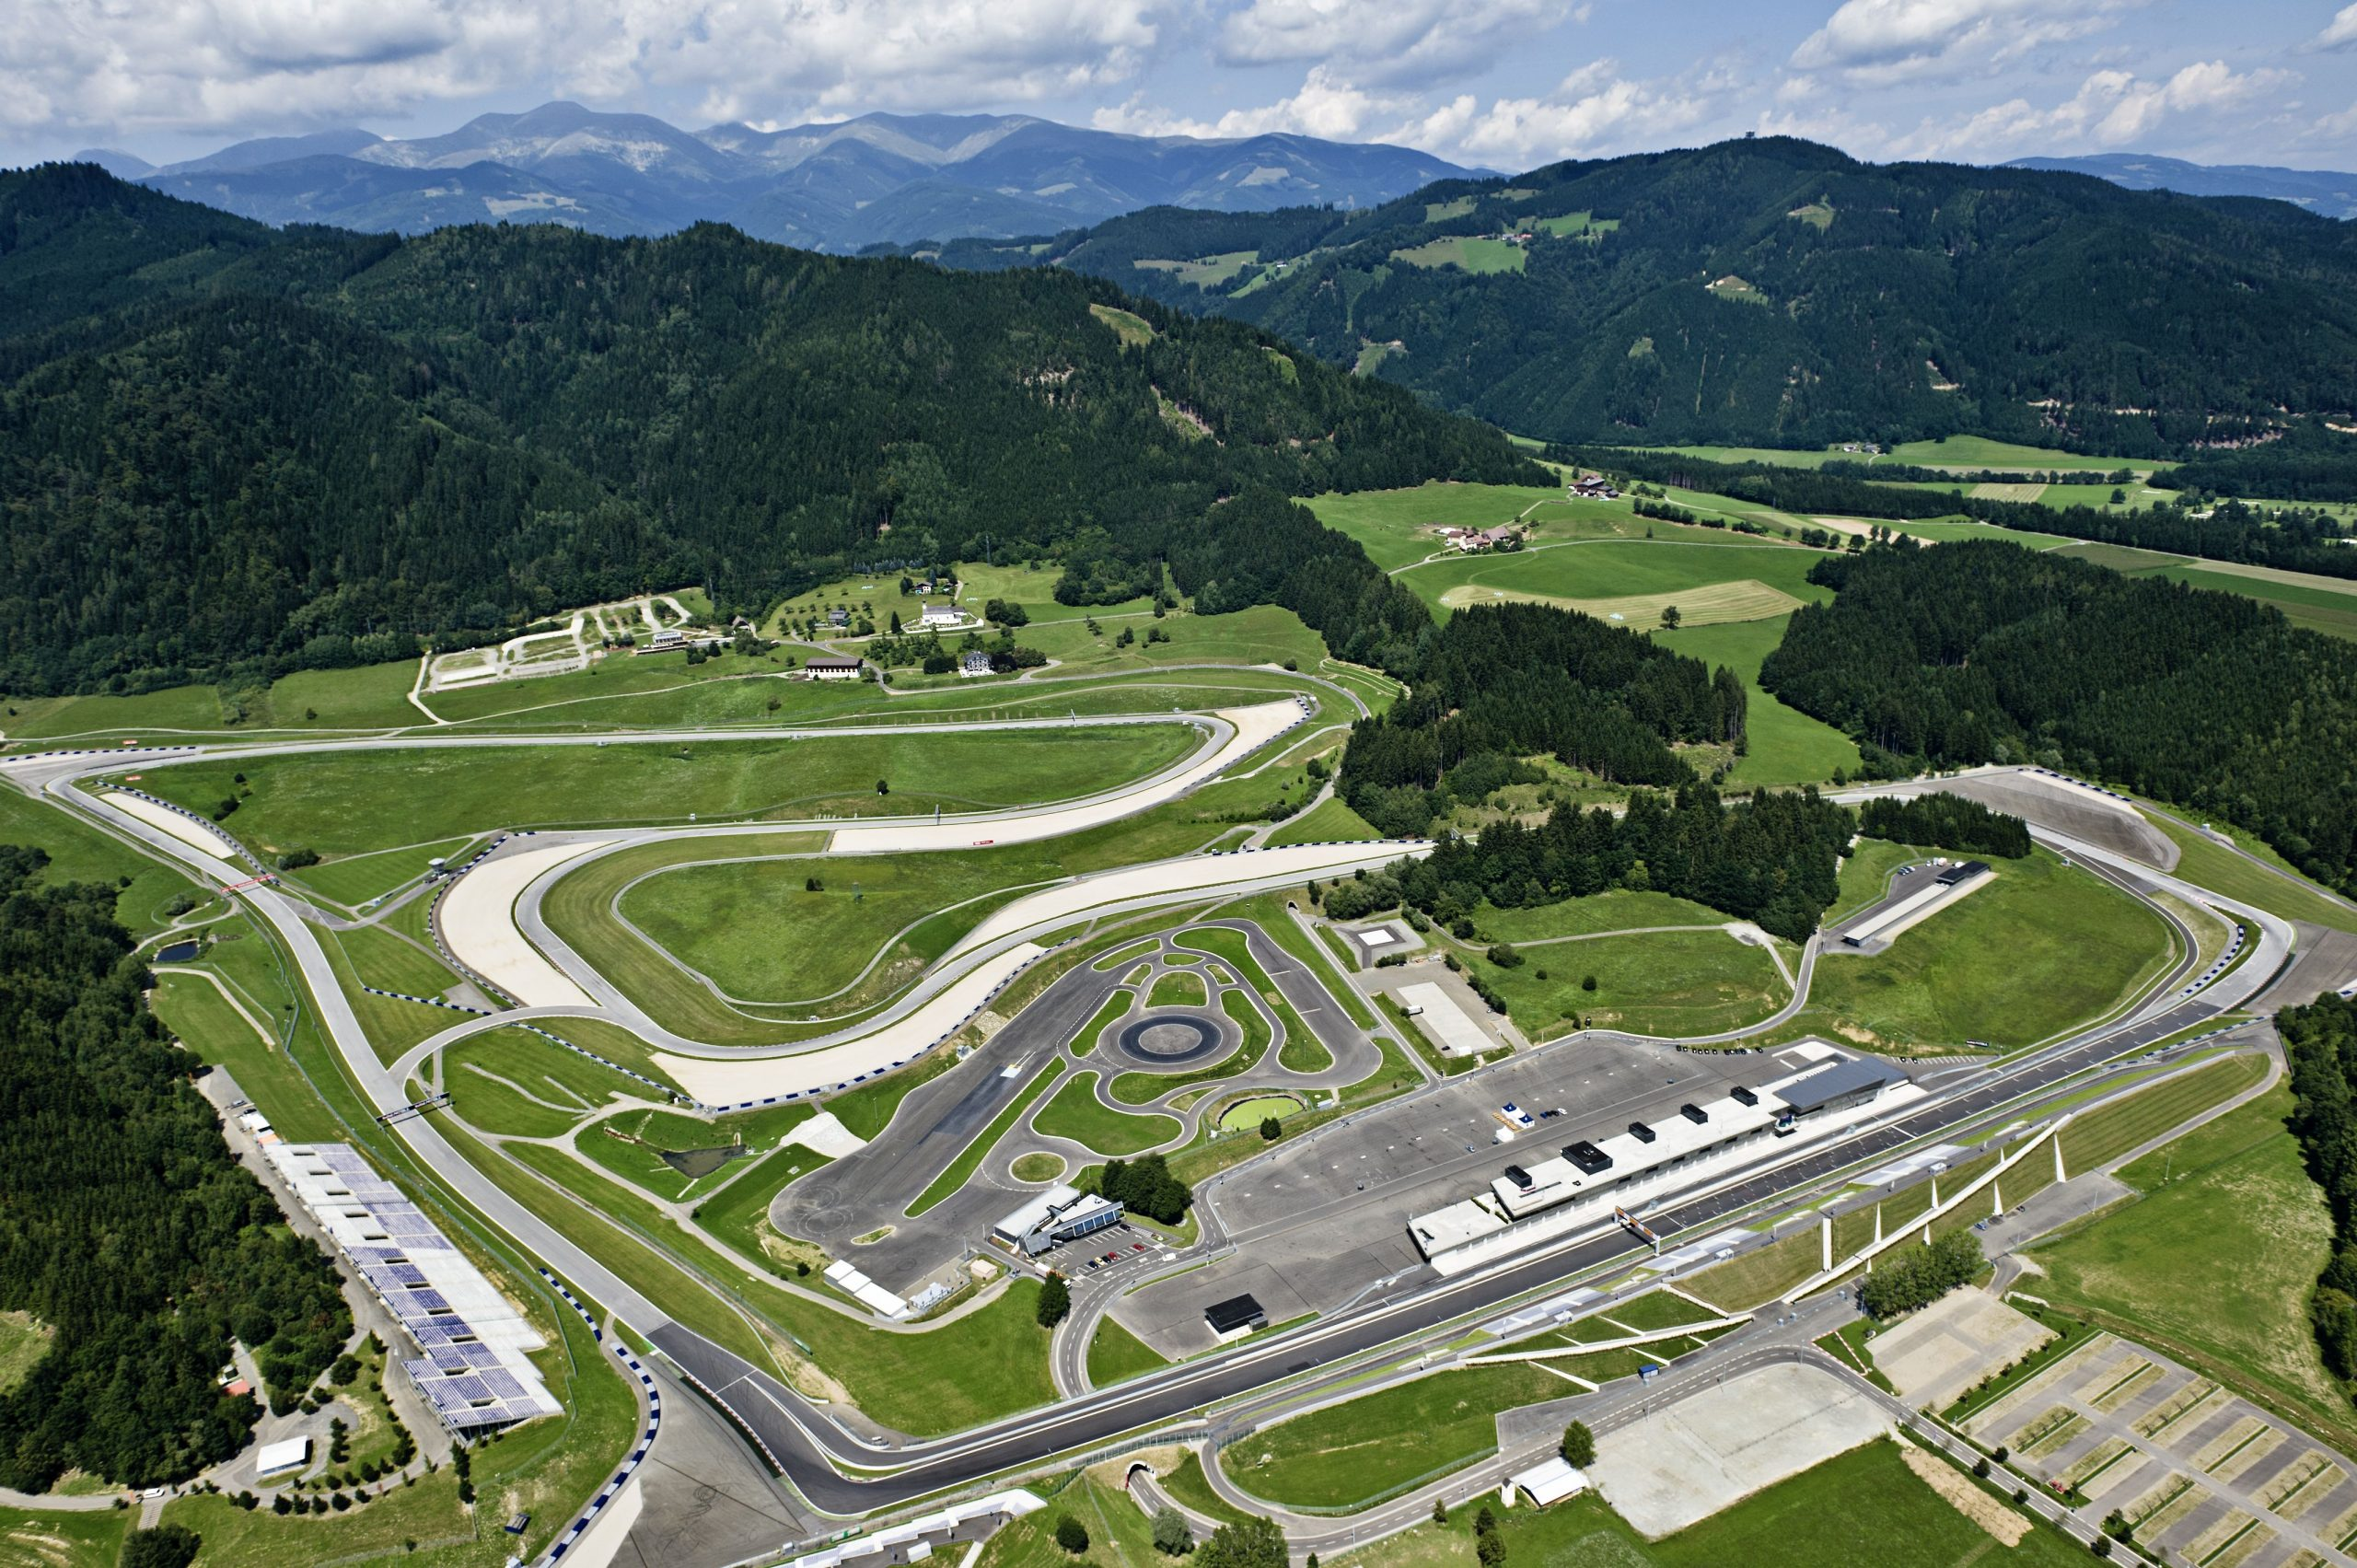 Foto aérea do circuito de Spielberg